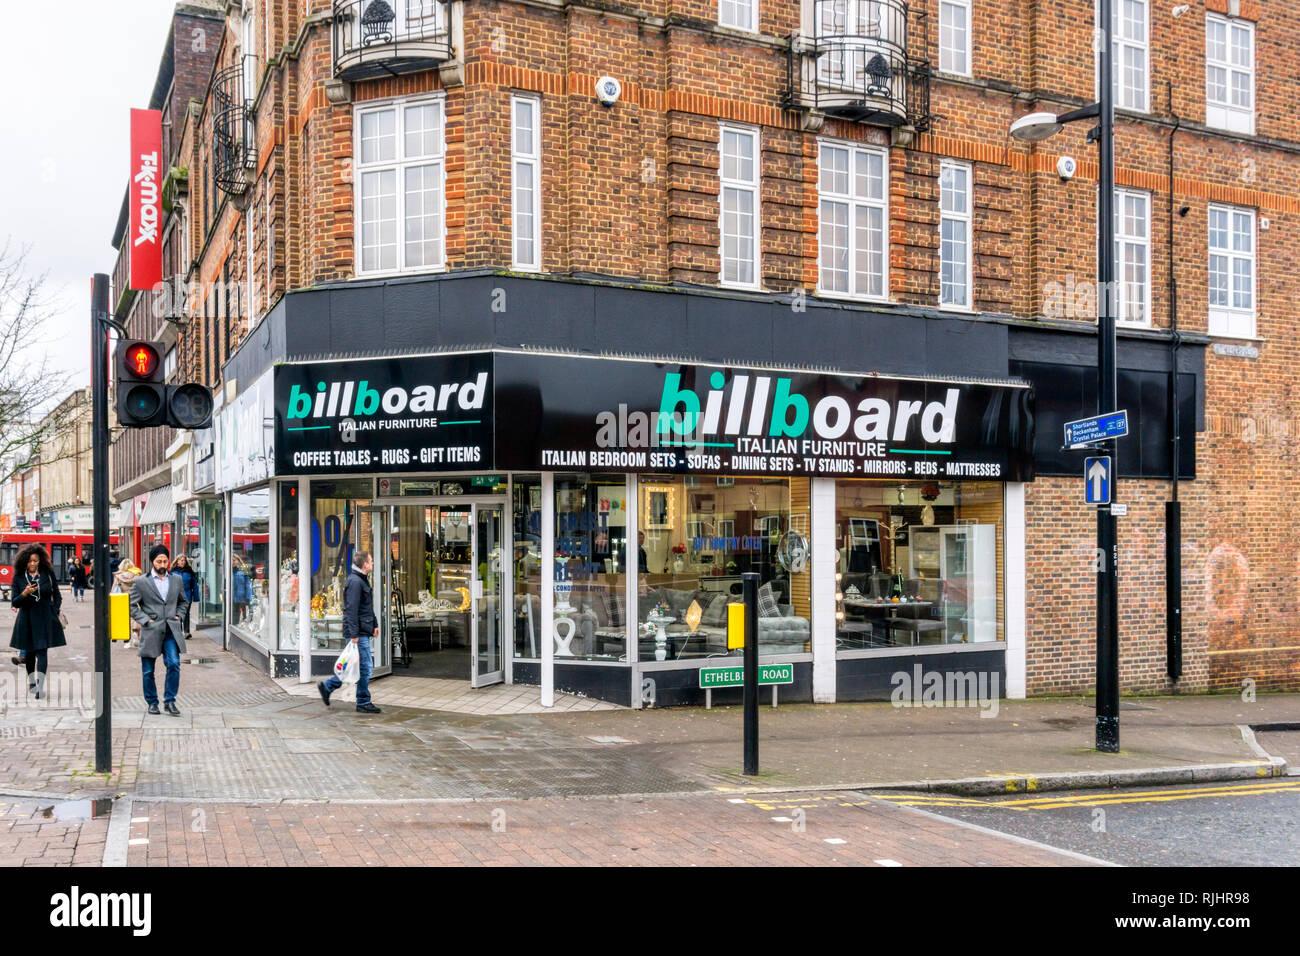 Affissioni, un Italiano negozio di arredamento, a Bromley High Street, Londra del sud. Immagini Stock